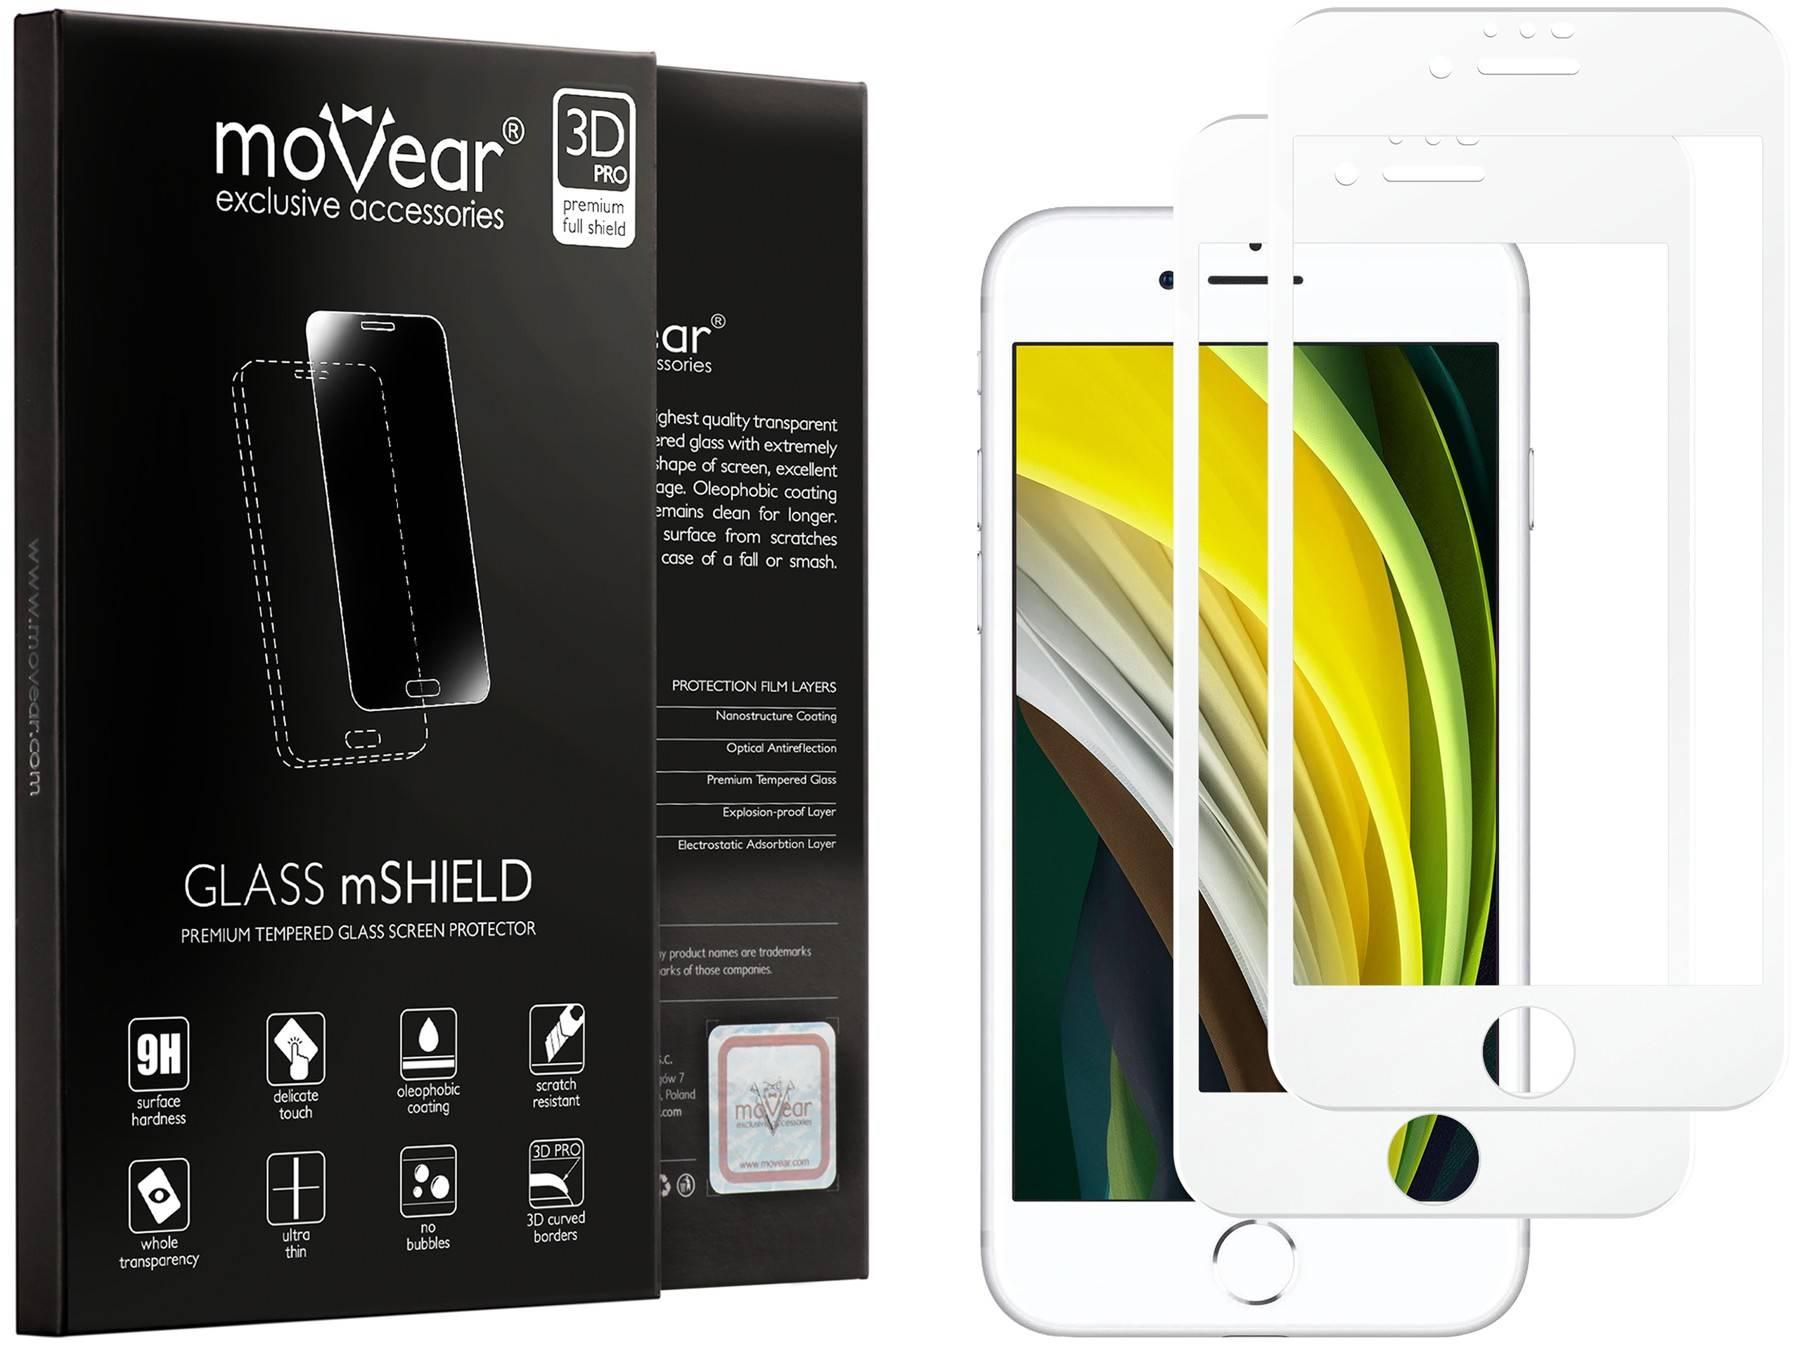 2 szt. | moVear Matowe Szkło Hartowane 3D PRO MATT na Apple iPhone 8 / 7 | na Cały Ekran, Antyrefleksyjne, 9H | GLASS mSHIELD Biały